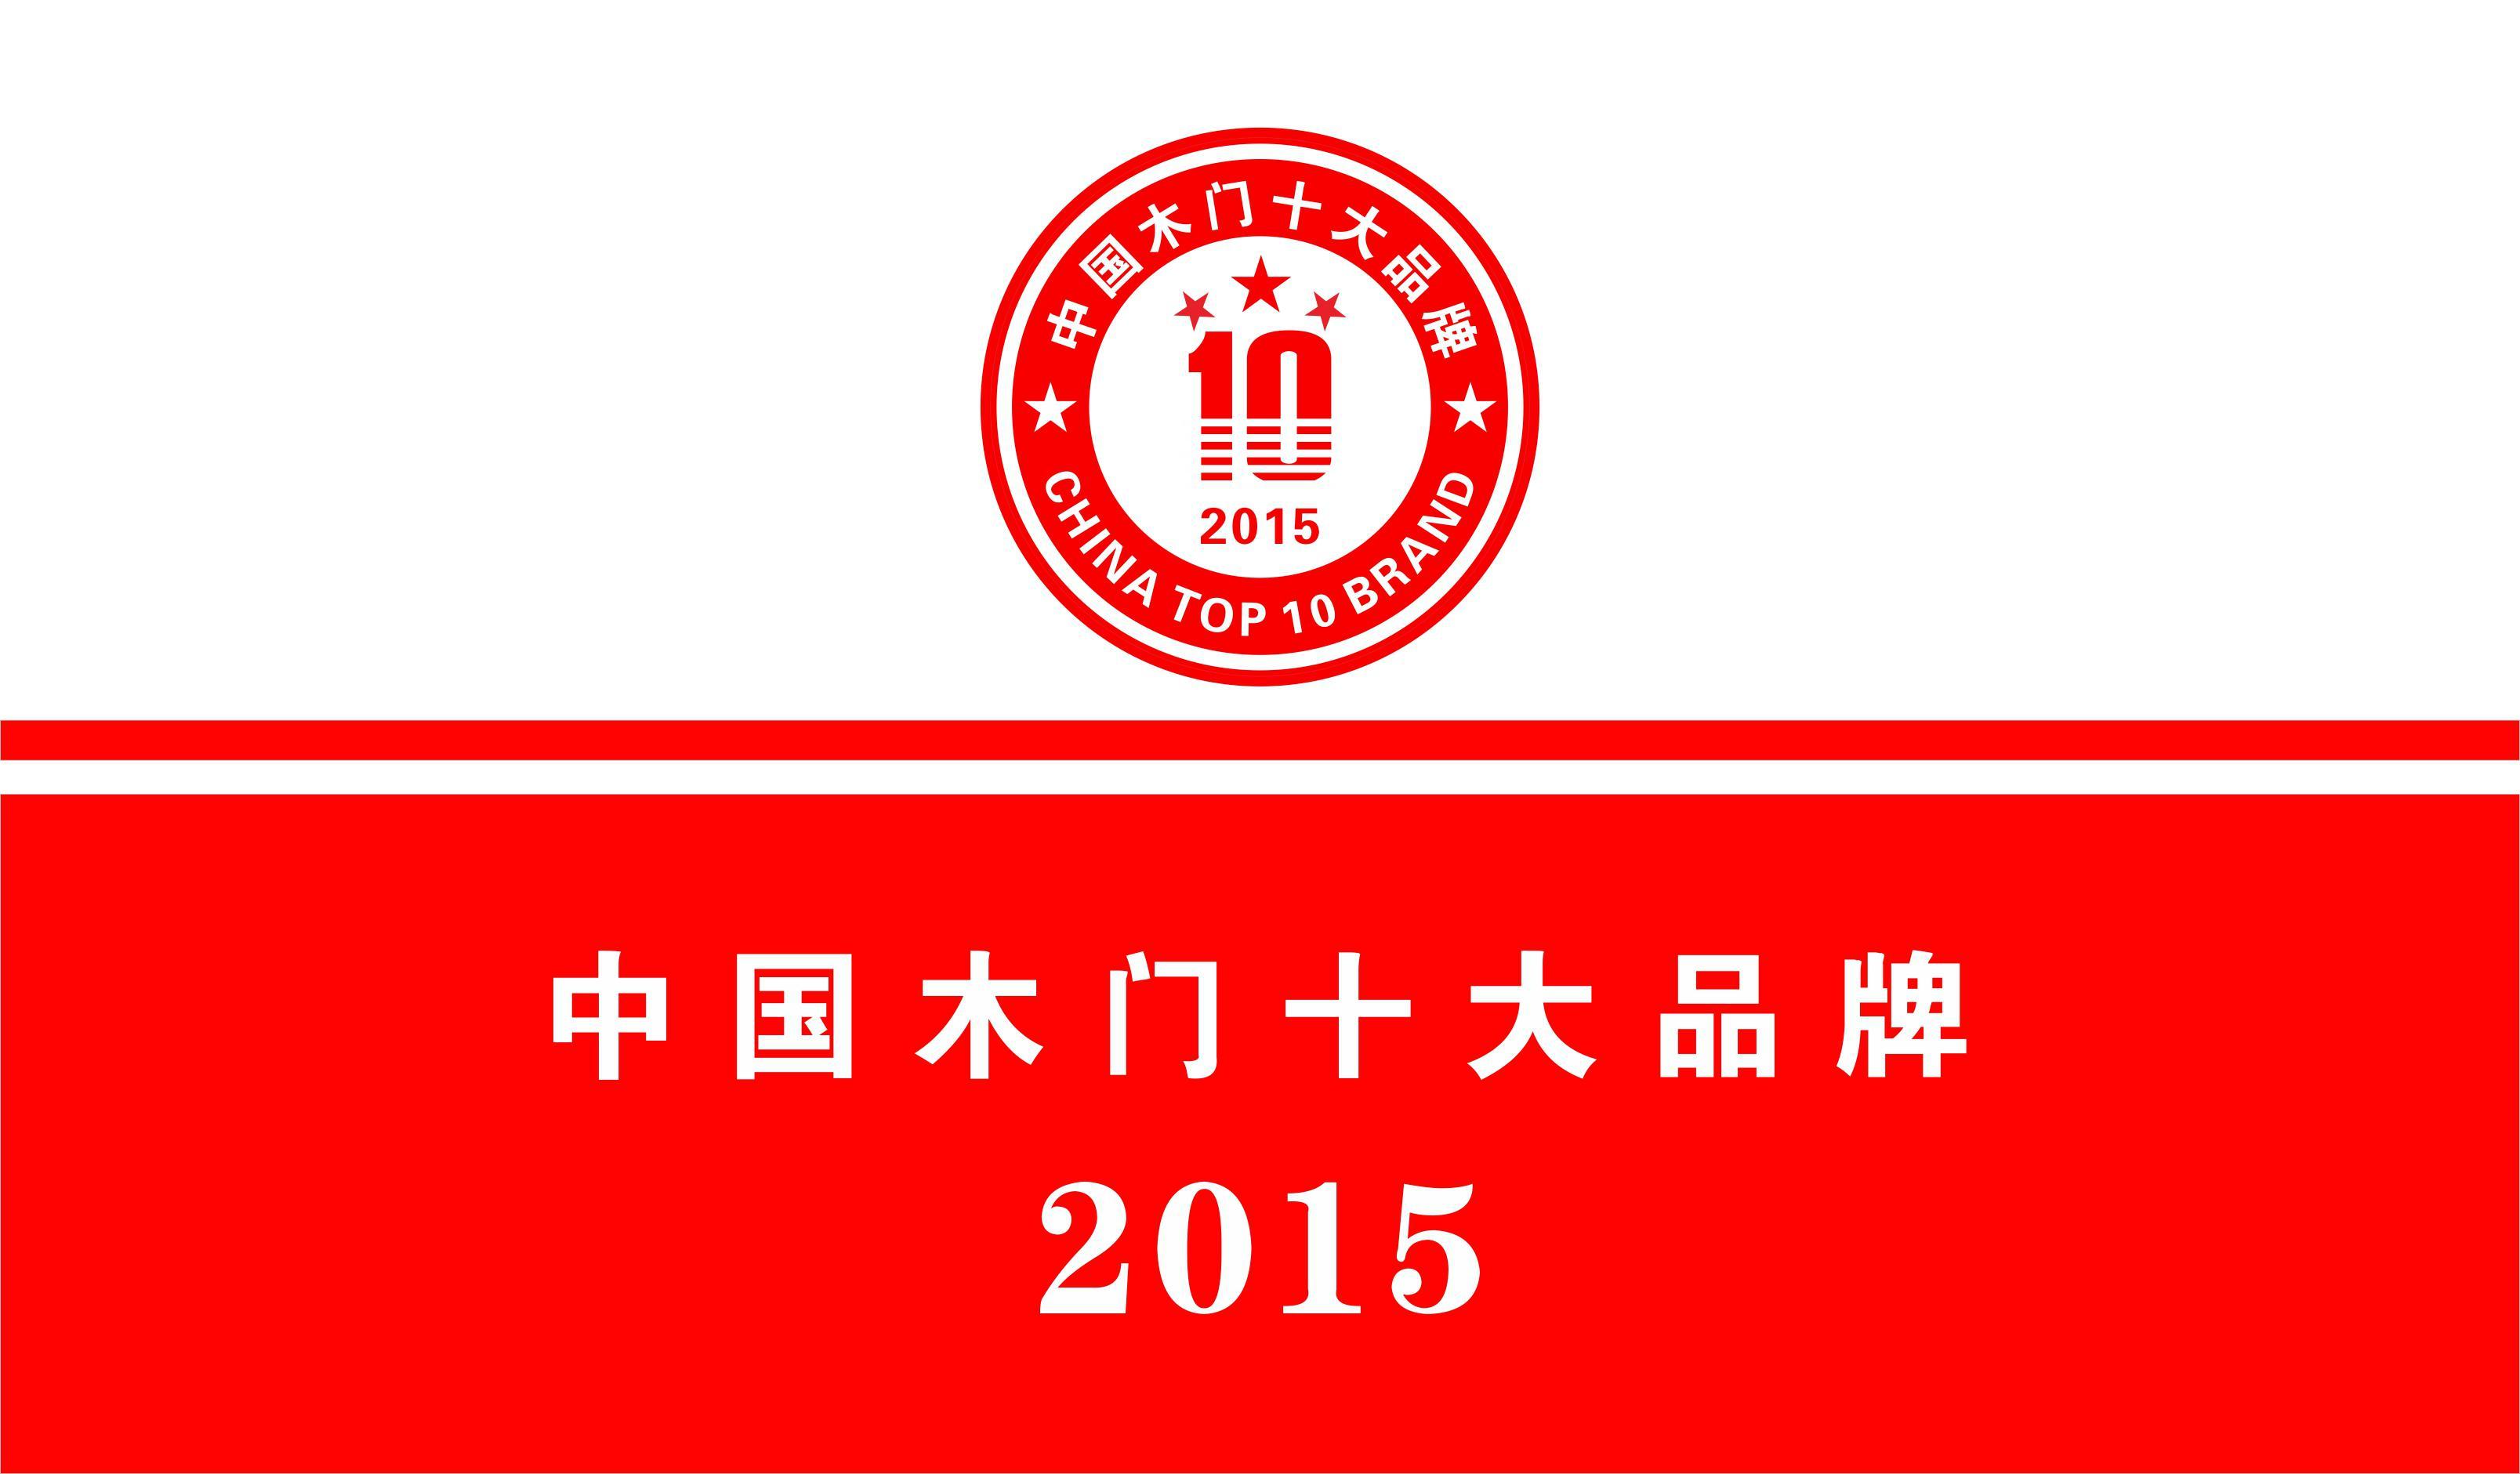 中国十大品牌网官网2015_中国十大名牌旗袍